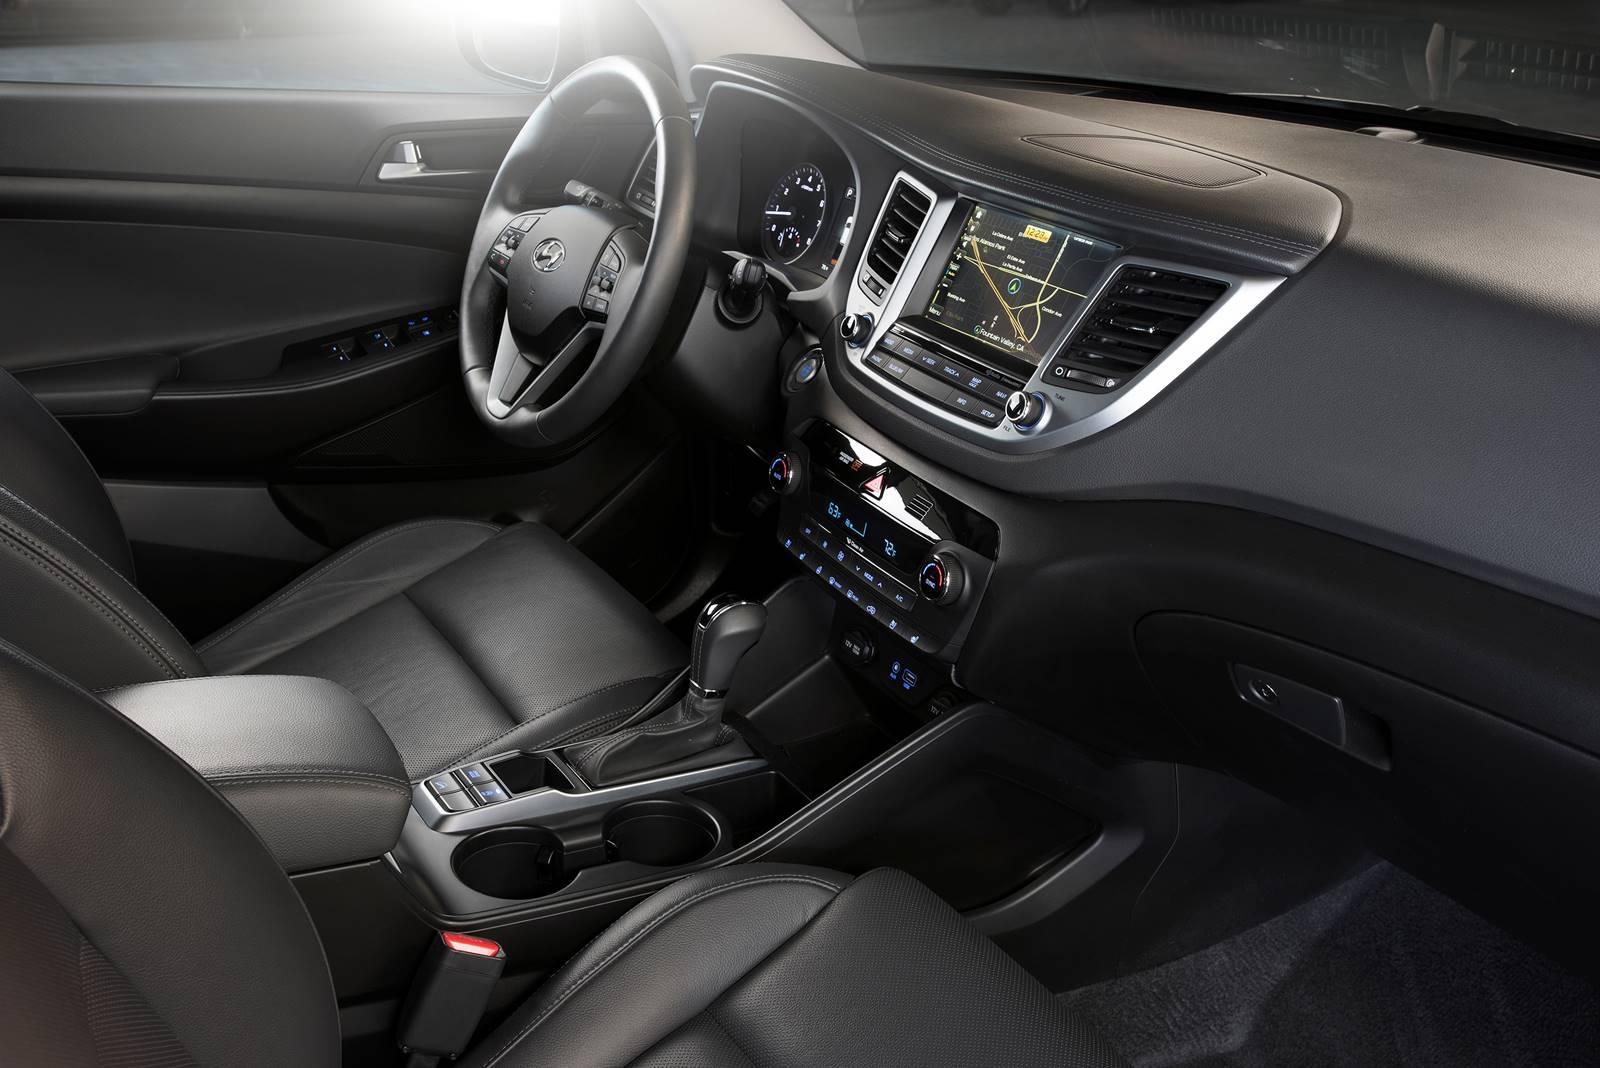 Novo Hyundai Tucson 2016 - interior - painel